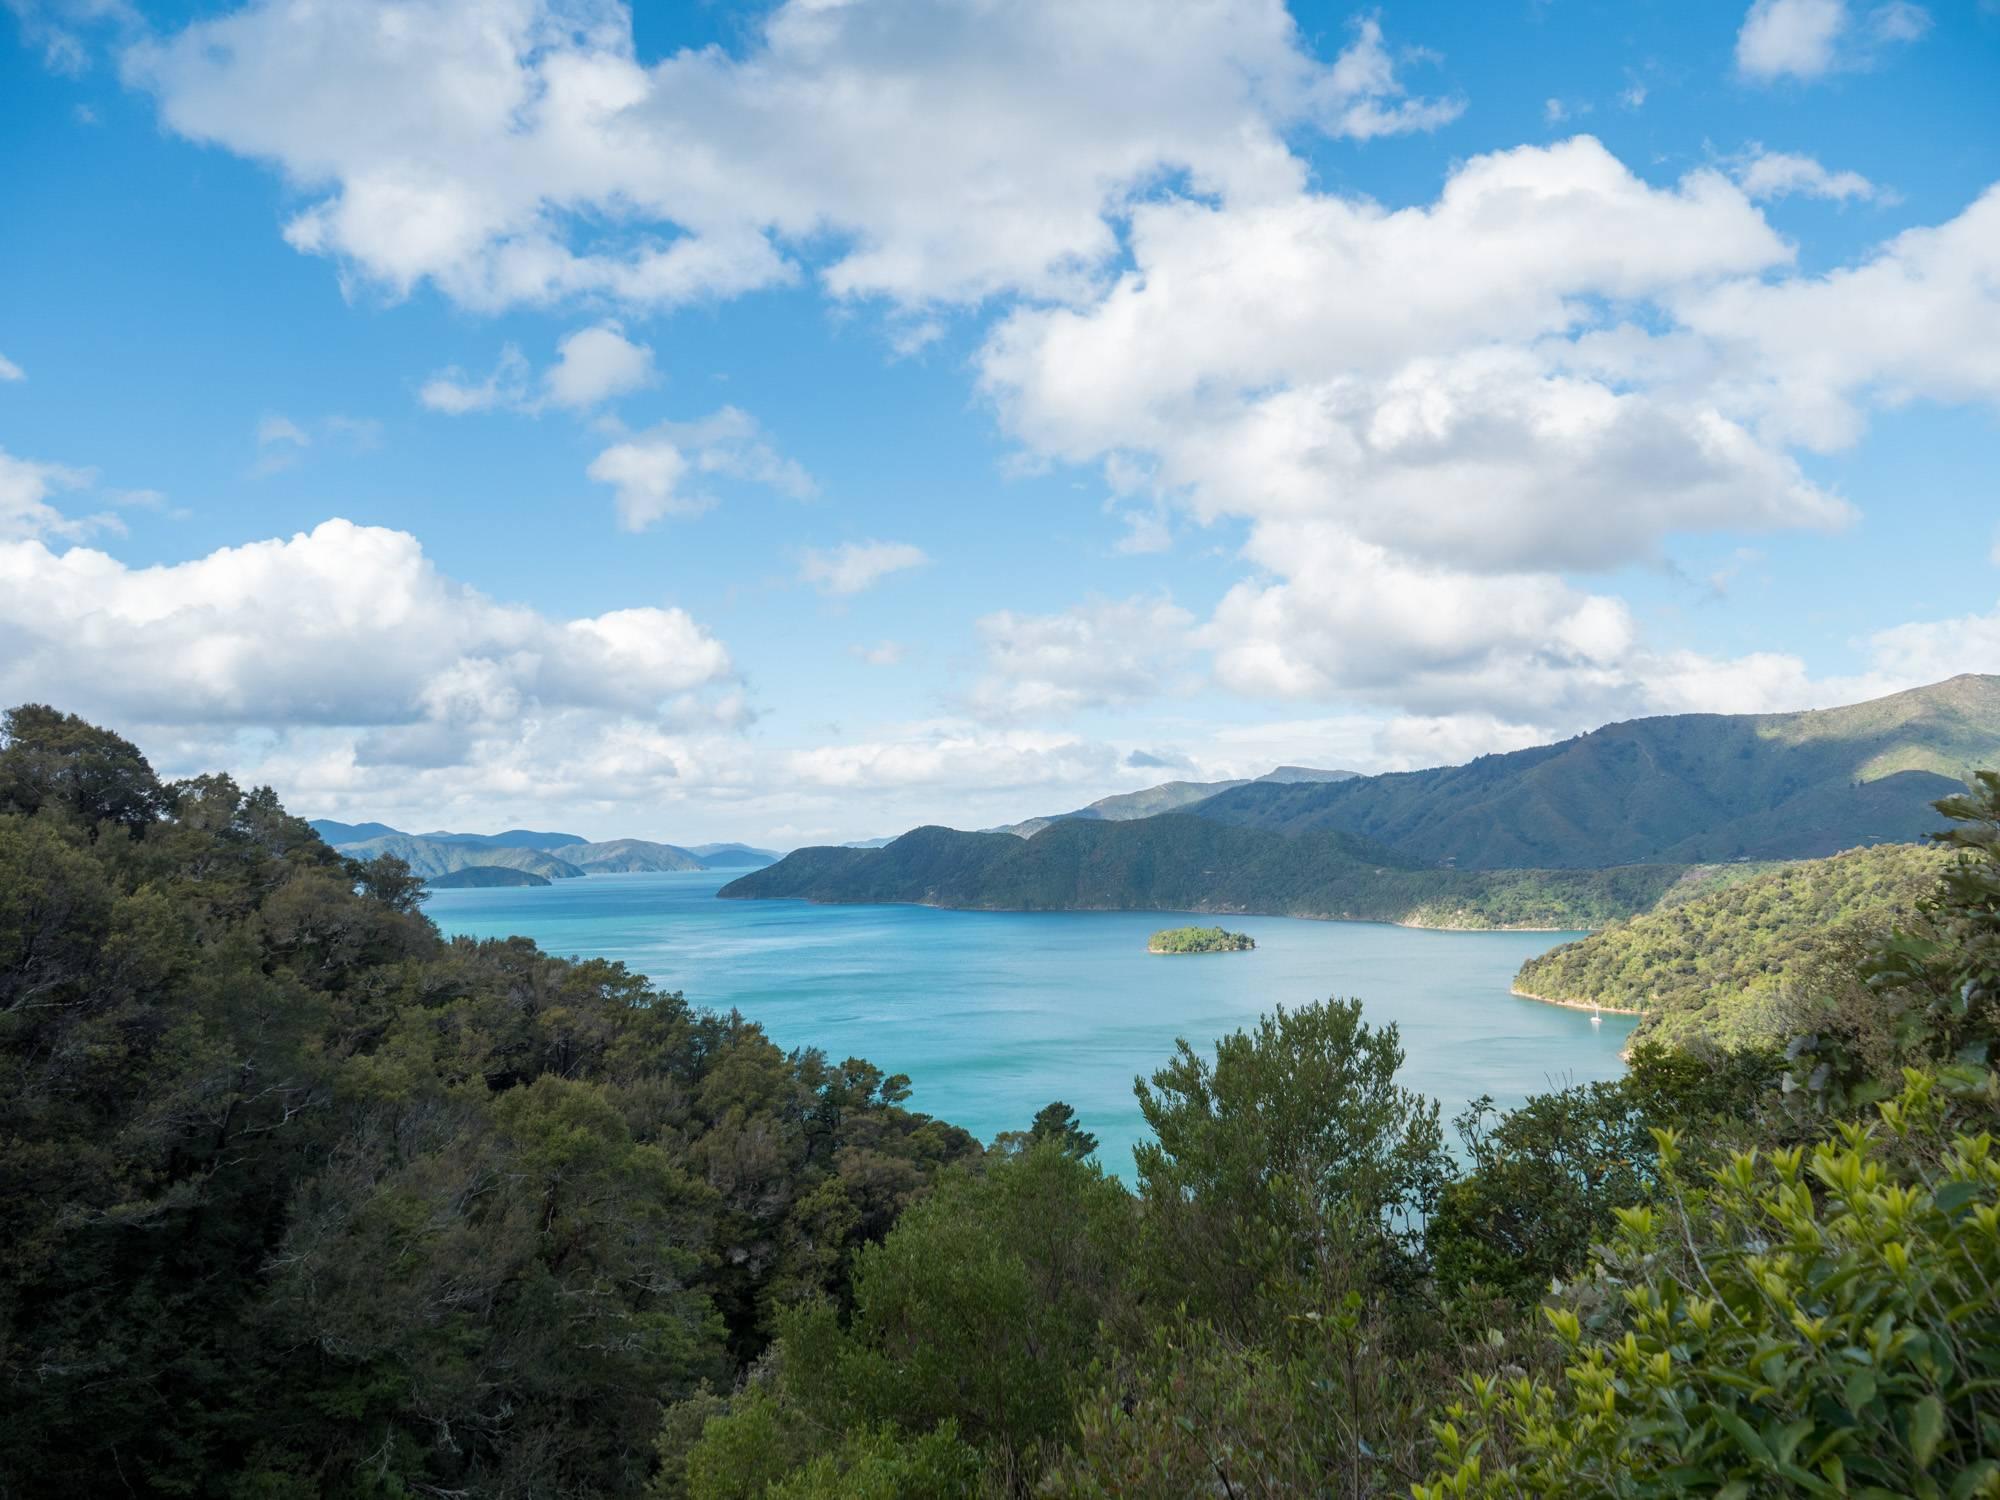 Der Blick auf die Marlborough Sounds um Picton